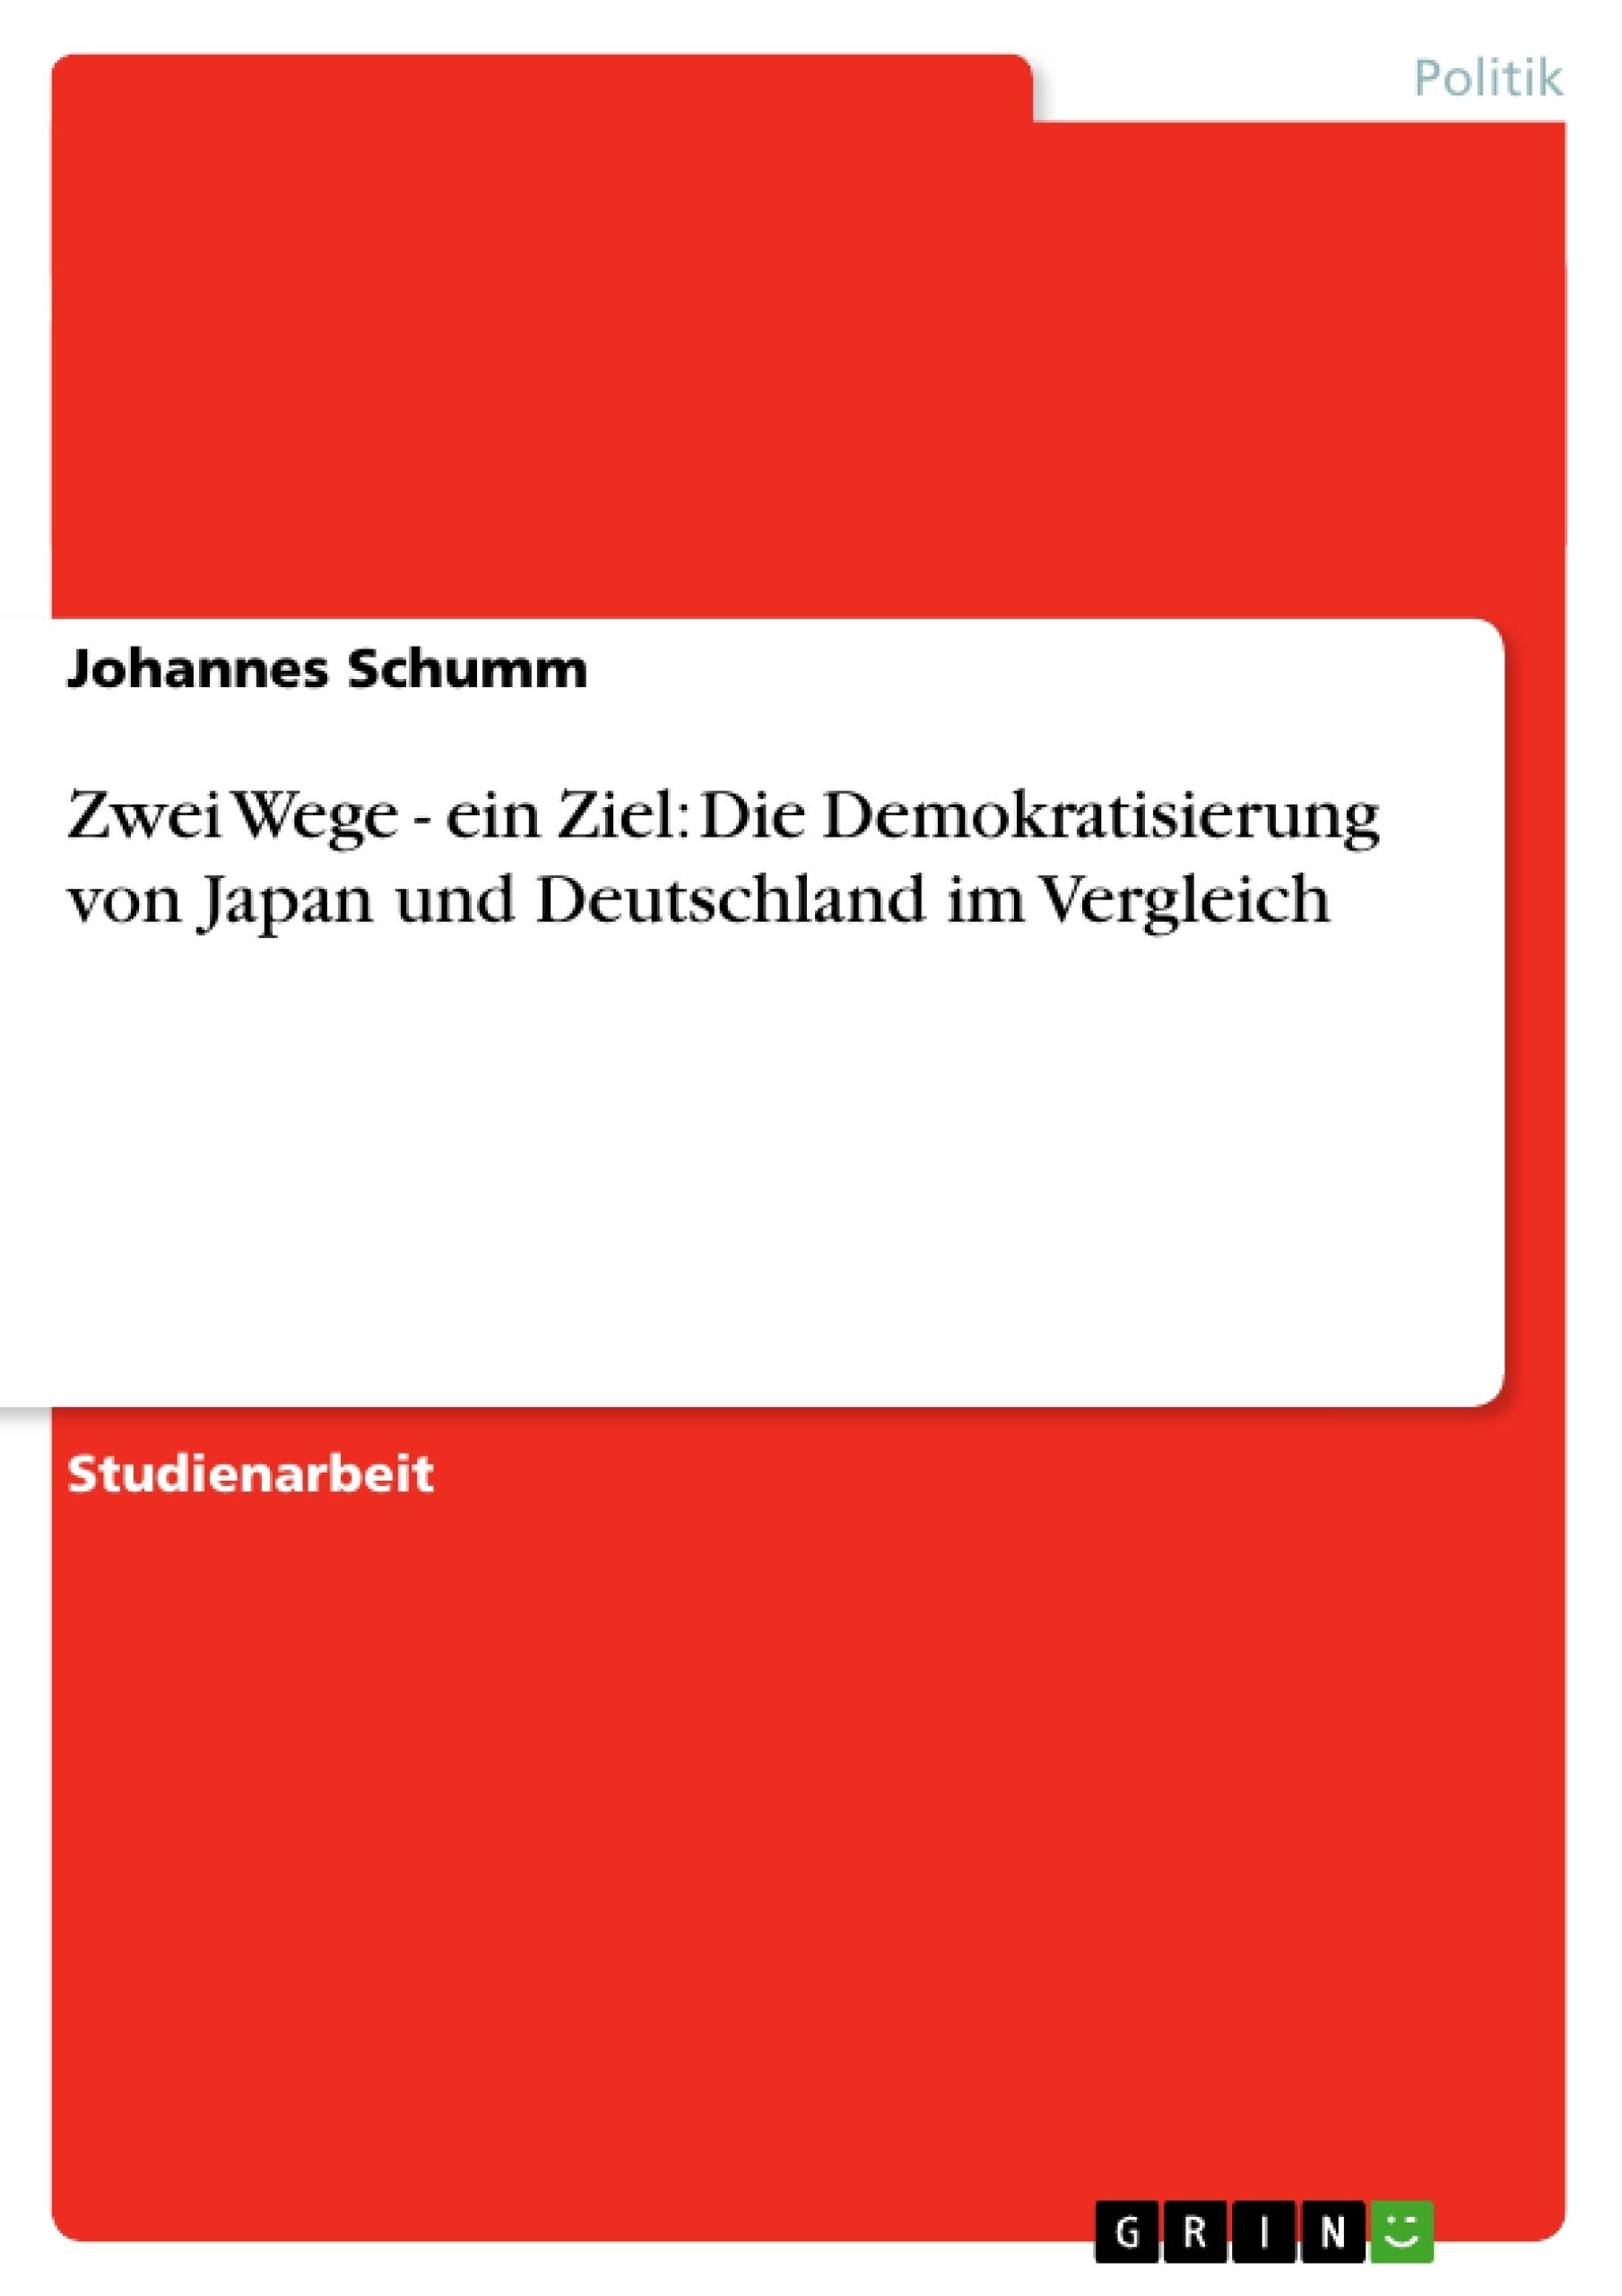 Titel: Zwei Wege - ein Ziel: Die Demokratisierung von Japan und Deutschland im Vergleich